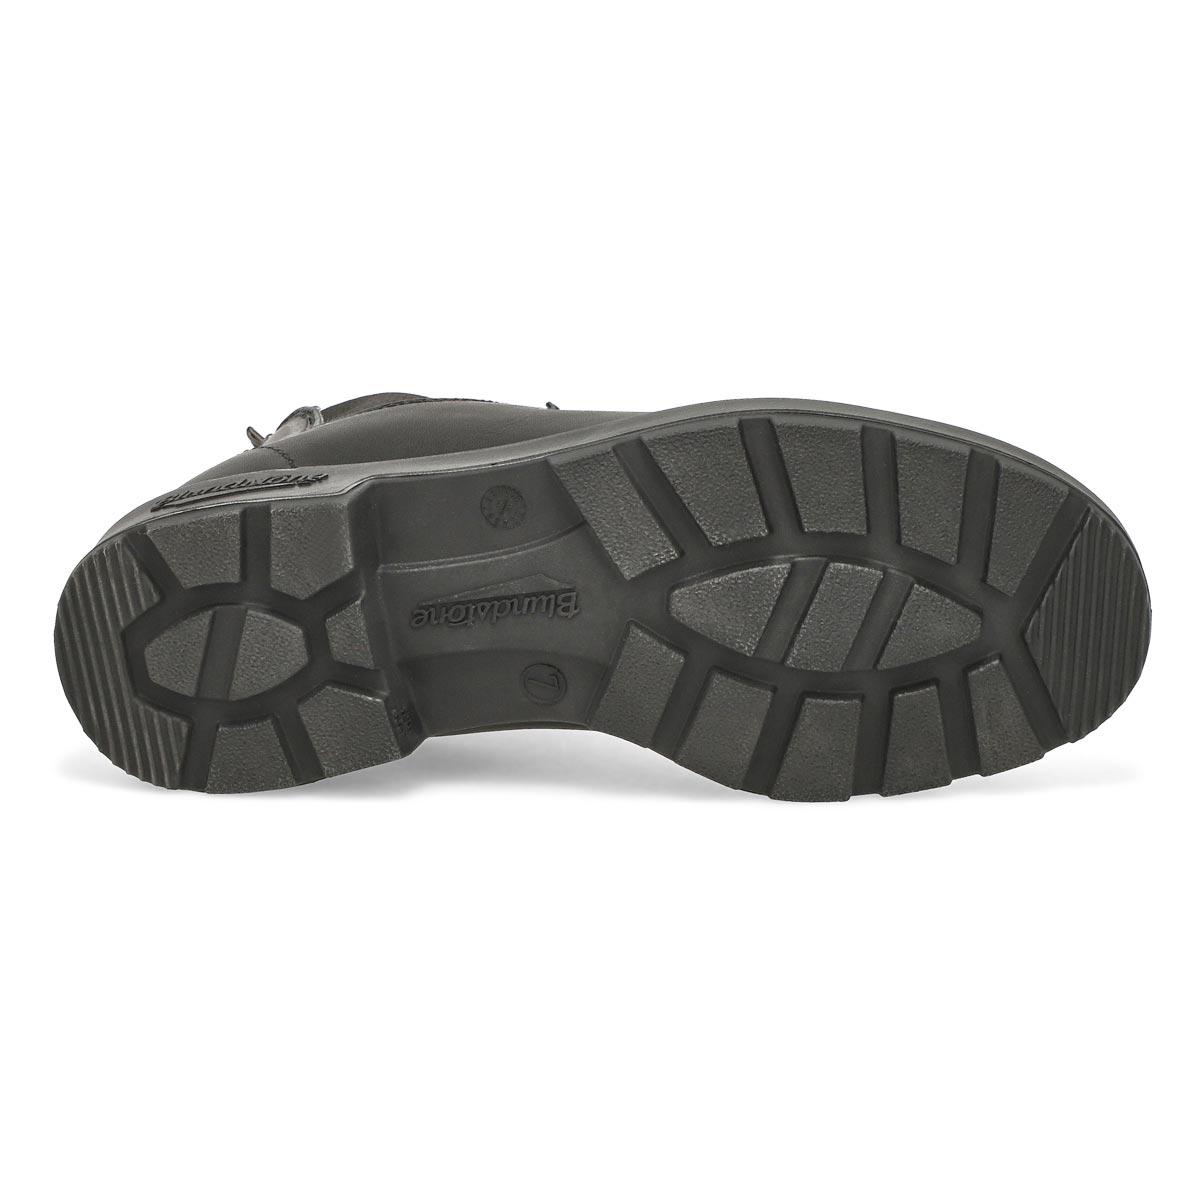 Unisex Original black twin gore boot